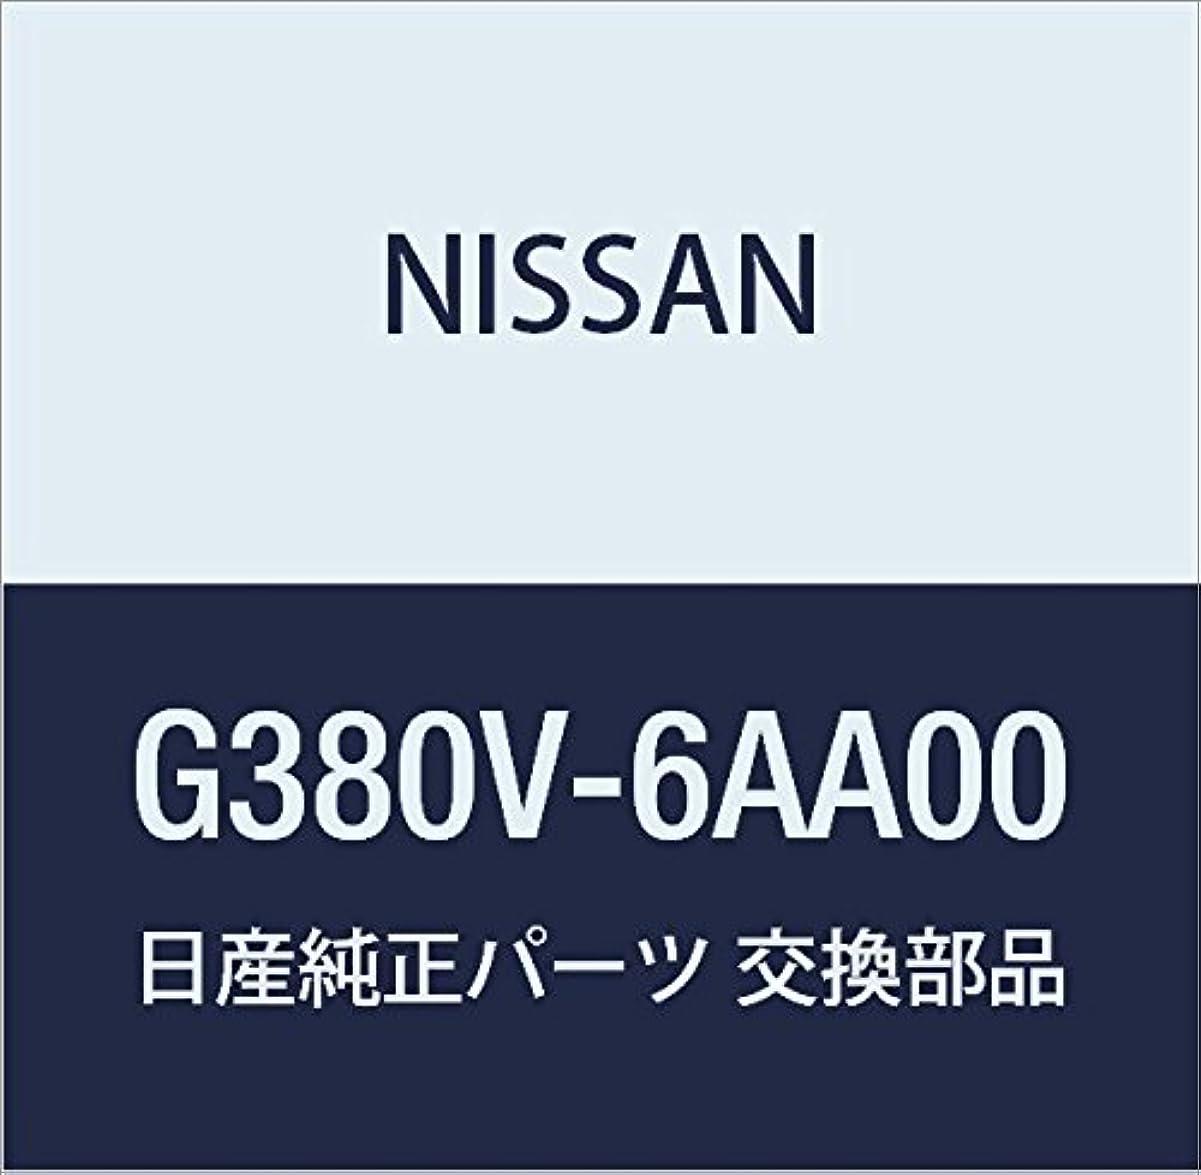 事業内容抗議出撃者NISSAN(ニッサン)日産純正部品ベース ラック セット G380V-6AA00